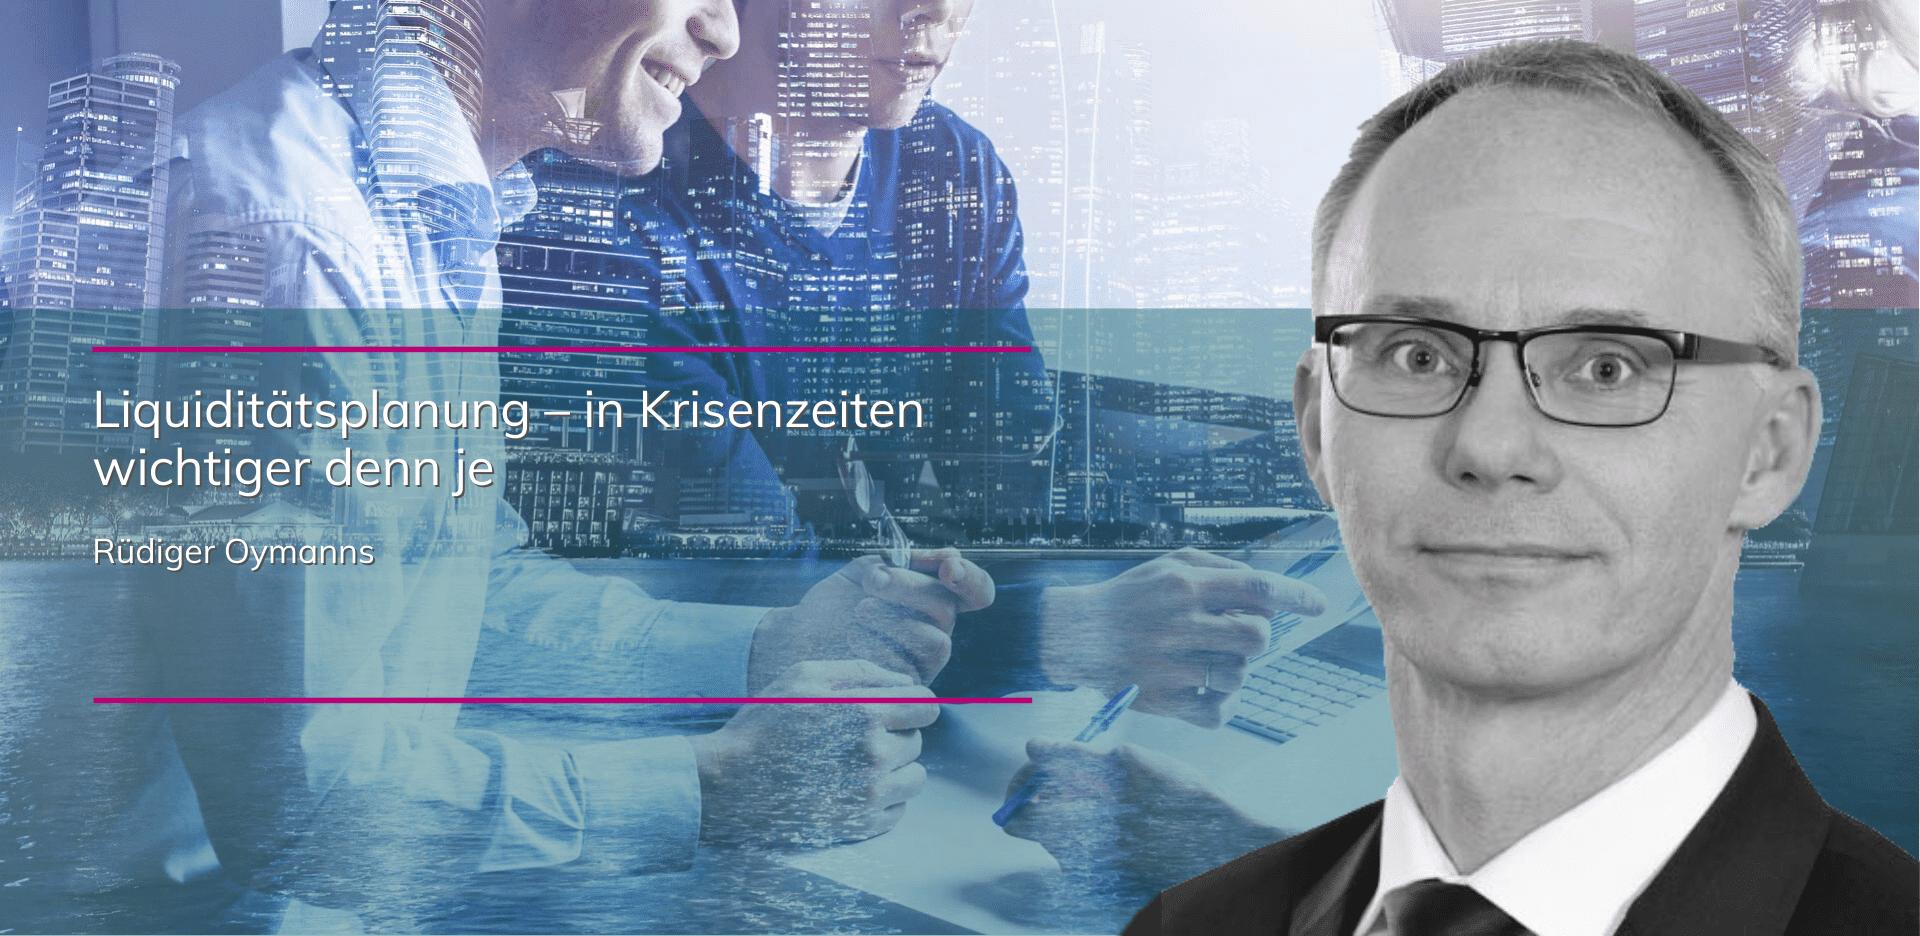 plenovia-blog-Liquiditätsplanung-in-Krisenzeiten-wichtiger-denn-je-oymanns-unternehmensberatung-sanierungskonzept-restrukturierung-düsseldorf-frankfurt-berlin